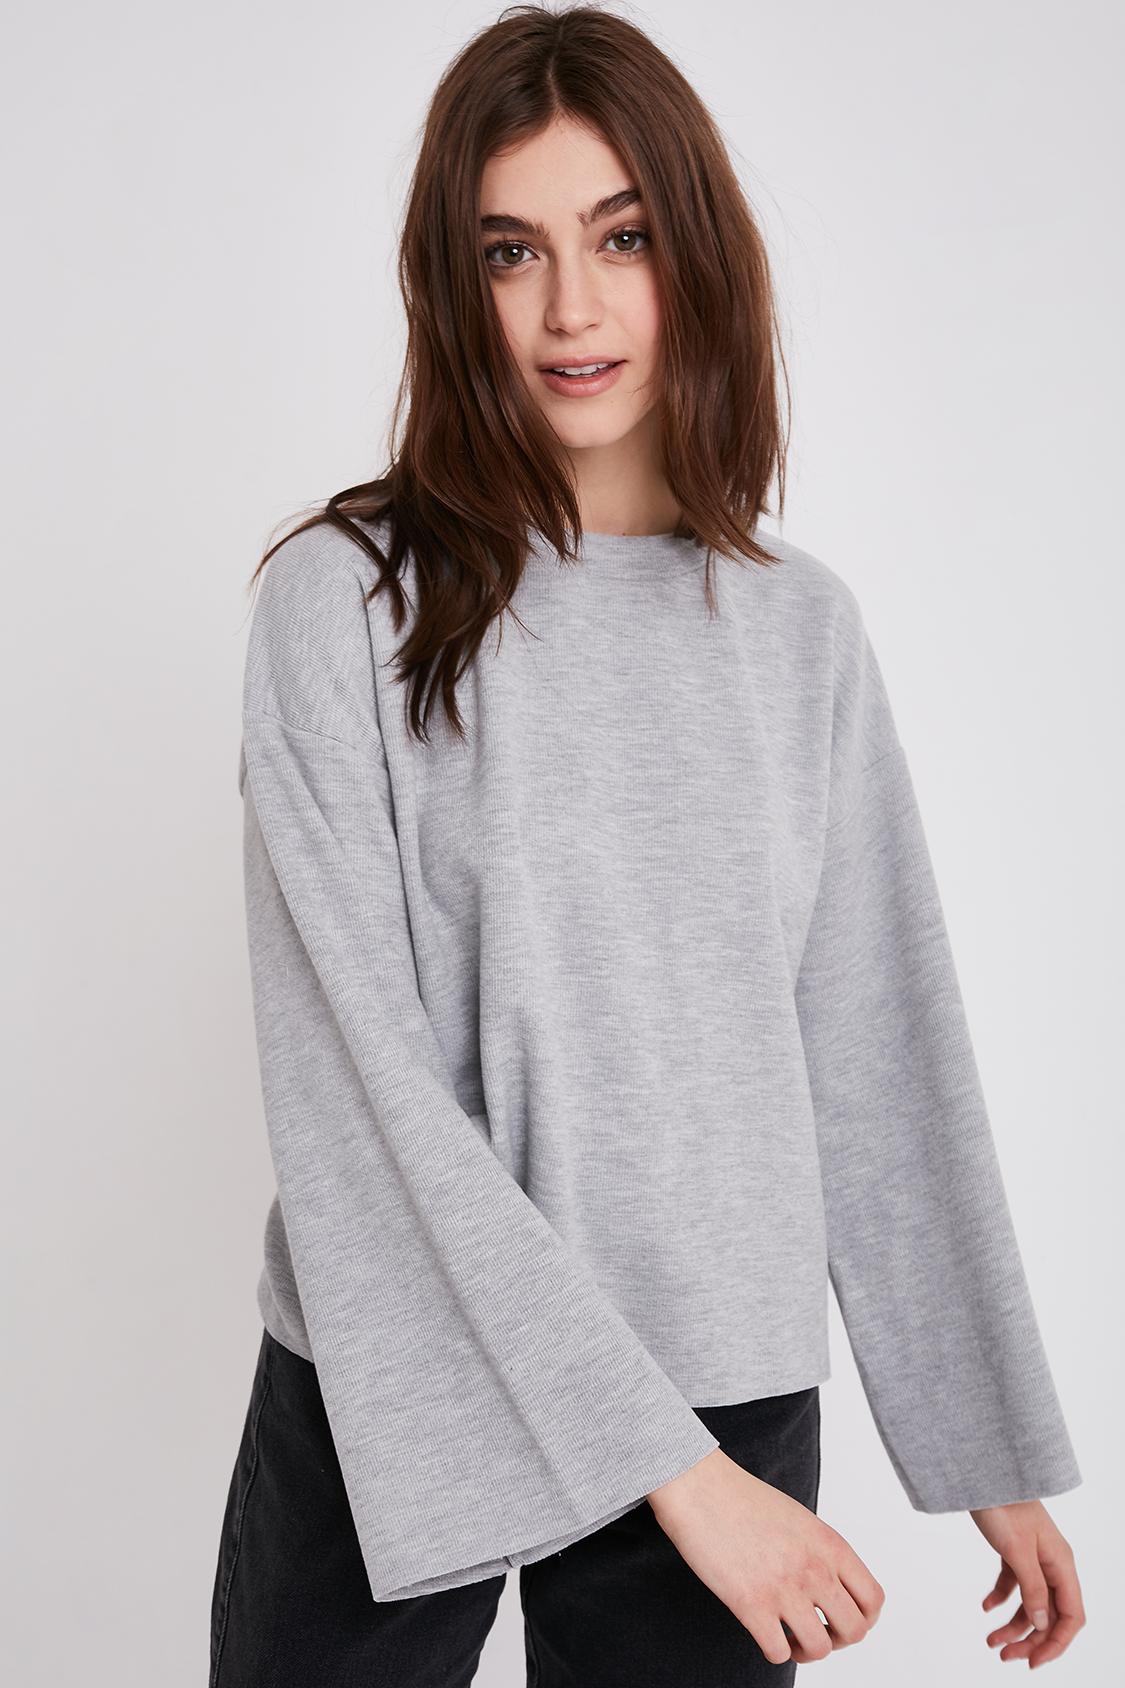 Flared sleeve sweatshirt